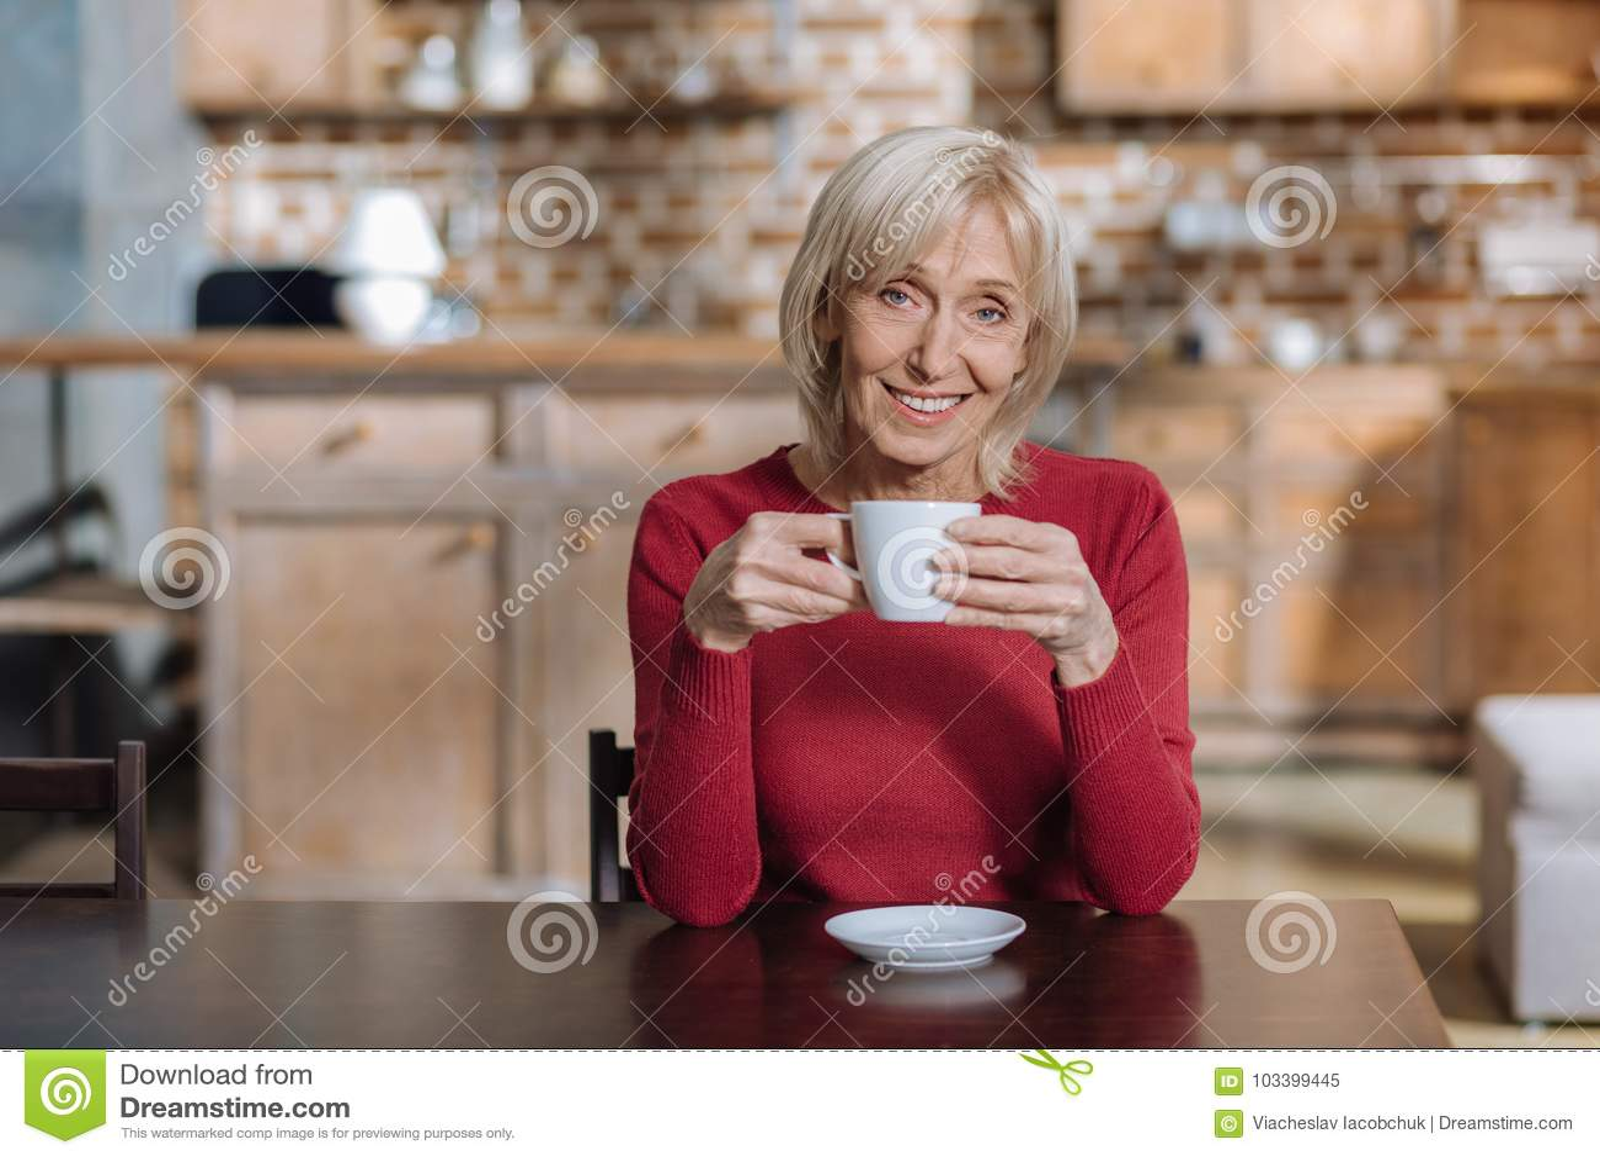 Rozochocony pozytywny starszy kobiety pić herbaciany i uśmiechnięty